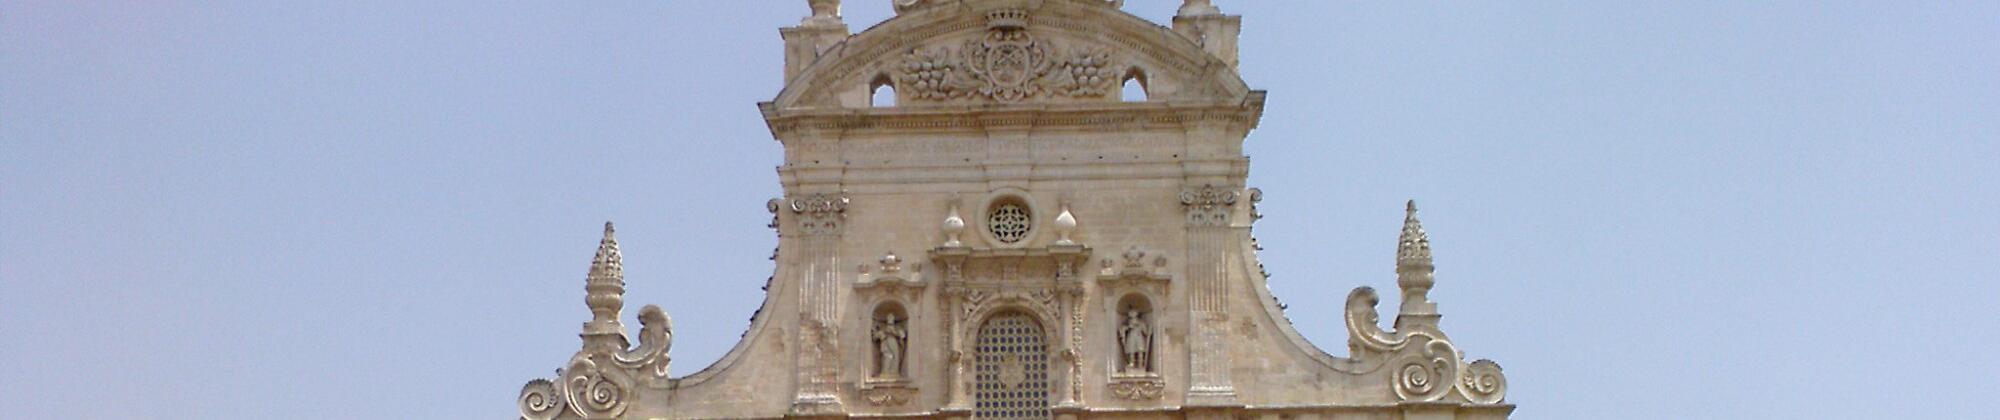 Grecia Salentina: l'itinerario alla scoperta della Grecia...in Salento